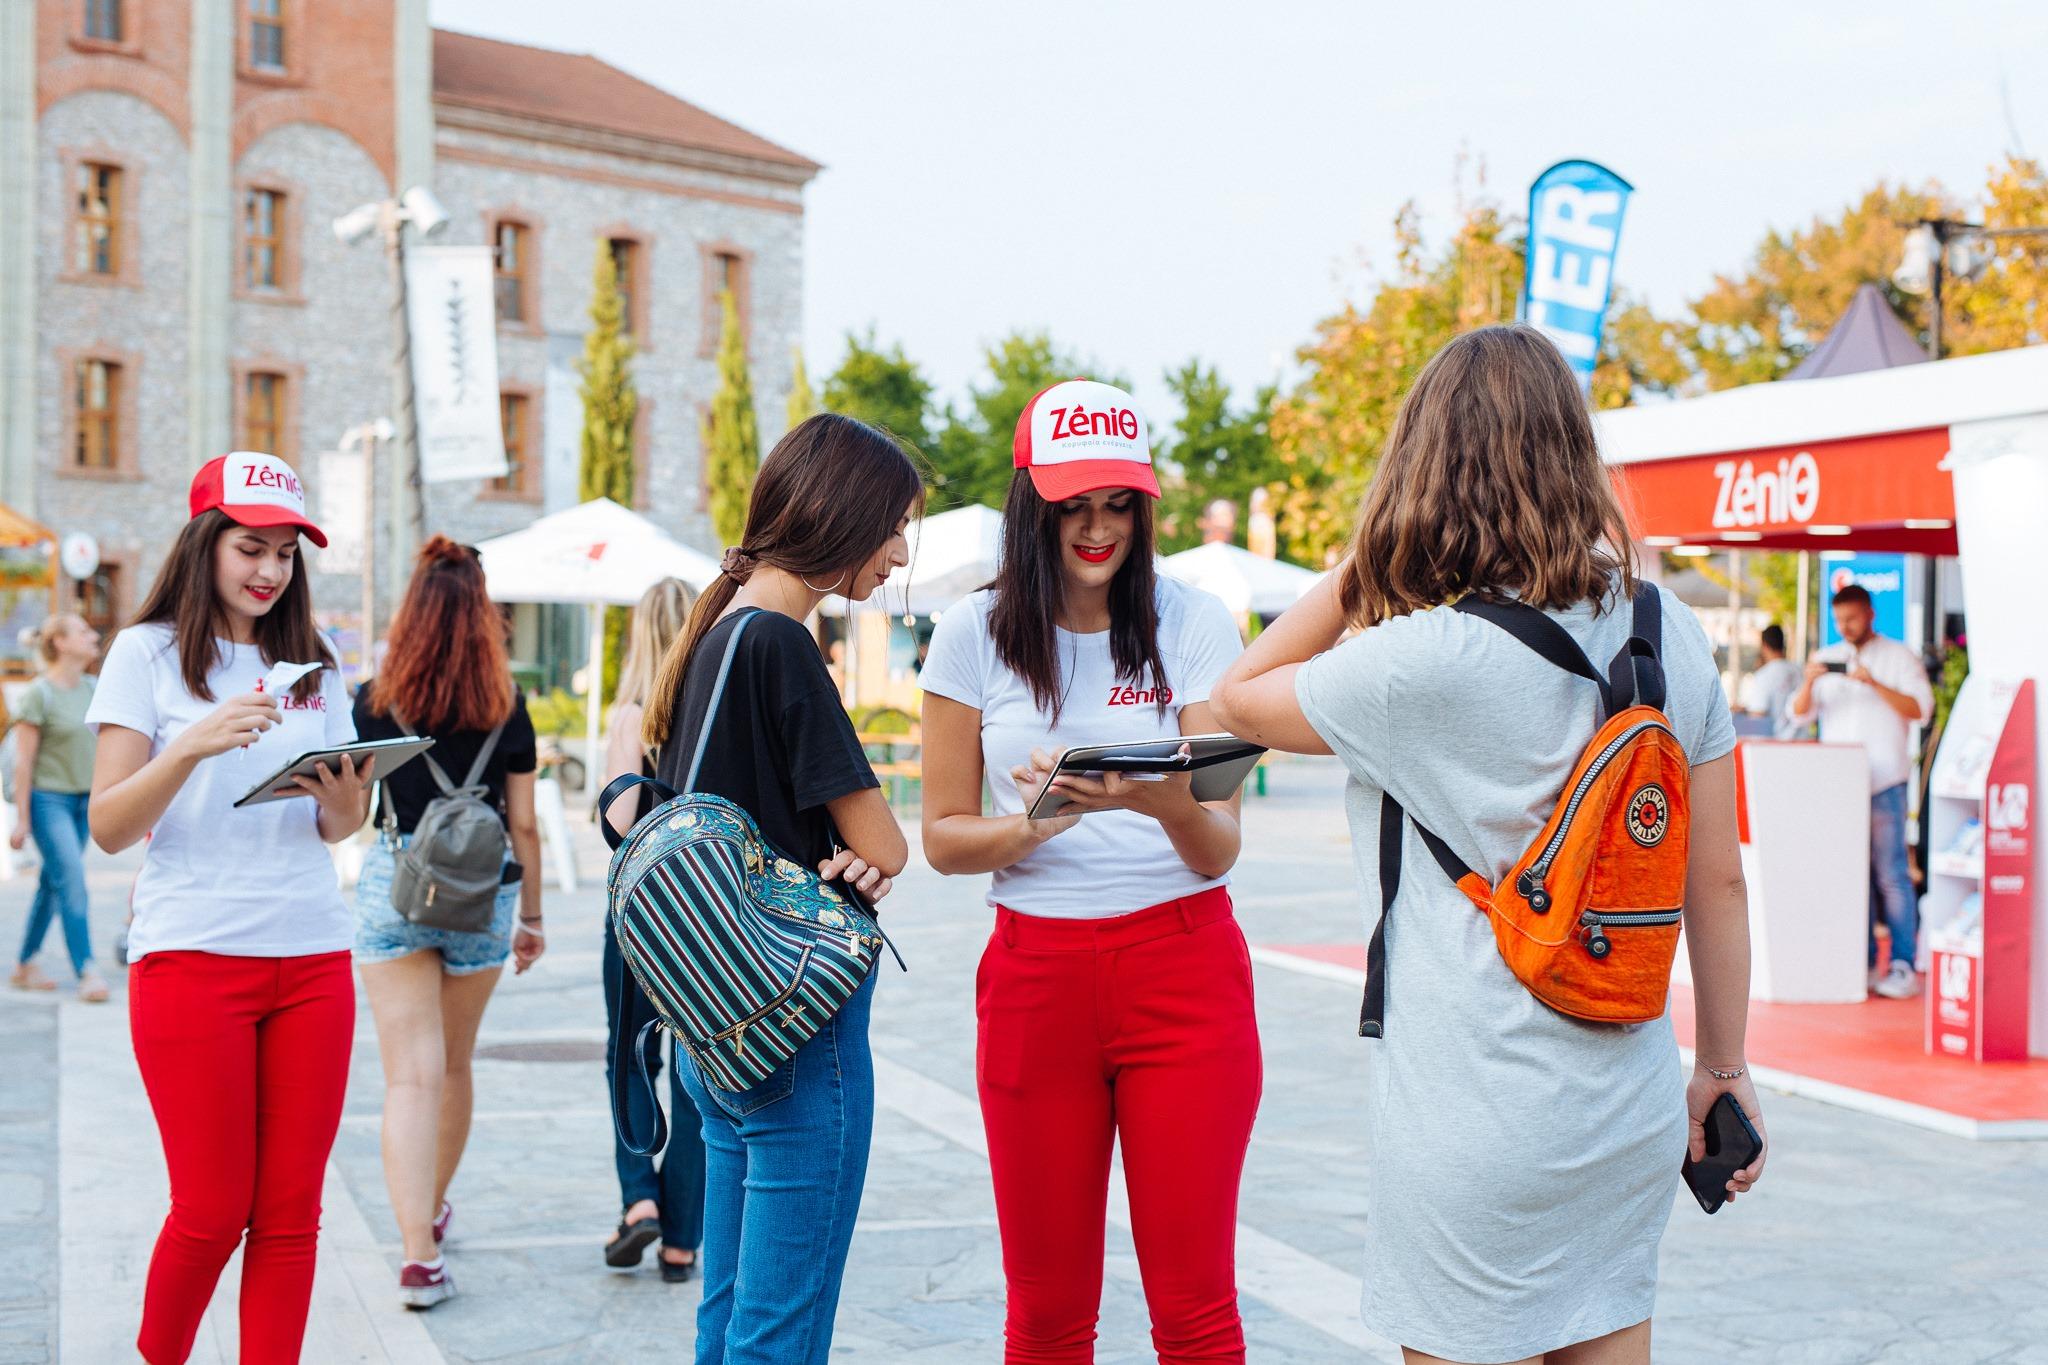 Η ZeniΘ ολοκληρώνει το «γευστικό ταξίδι» της σε όλη την Ελλάδα με το φετινό Street Food Festival